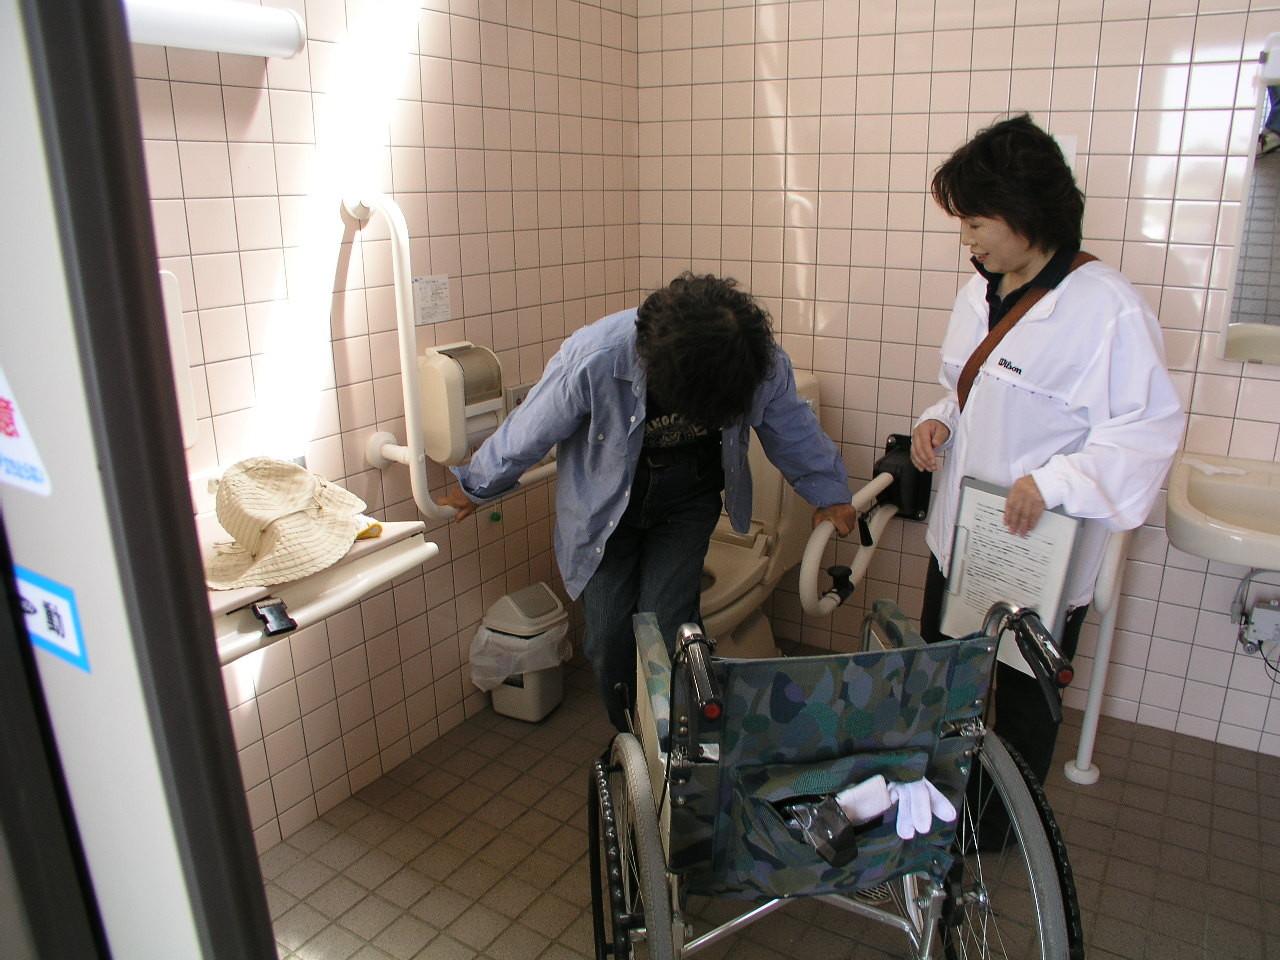 トイレの使い方、介助の仕方も勉強中、ウンと頑張って